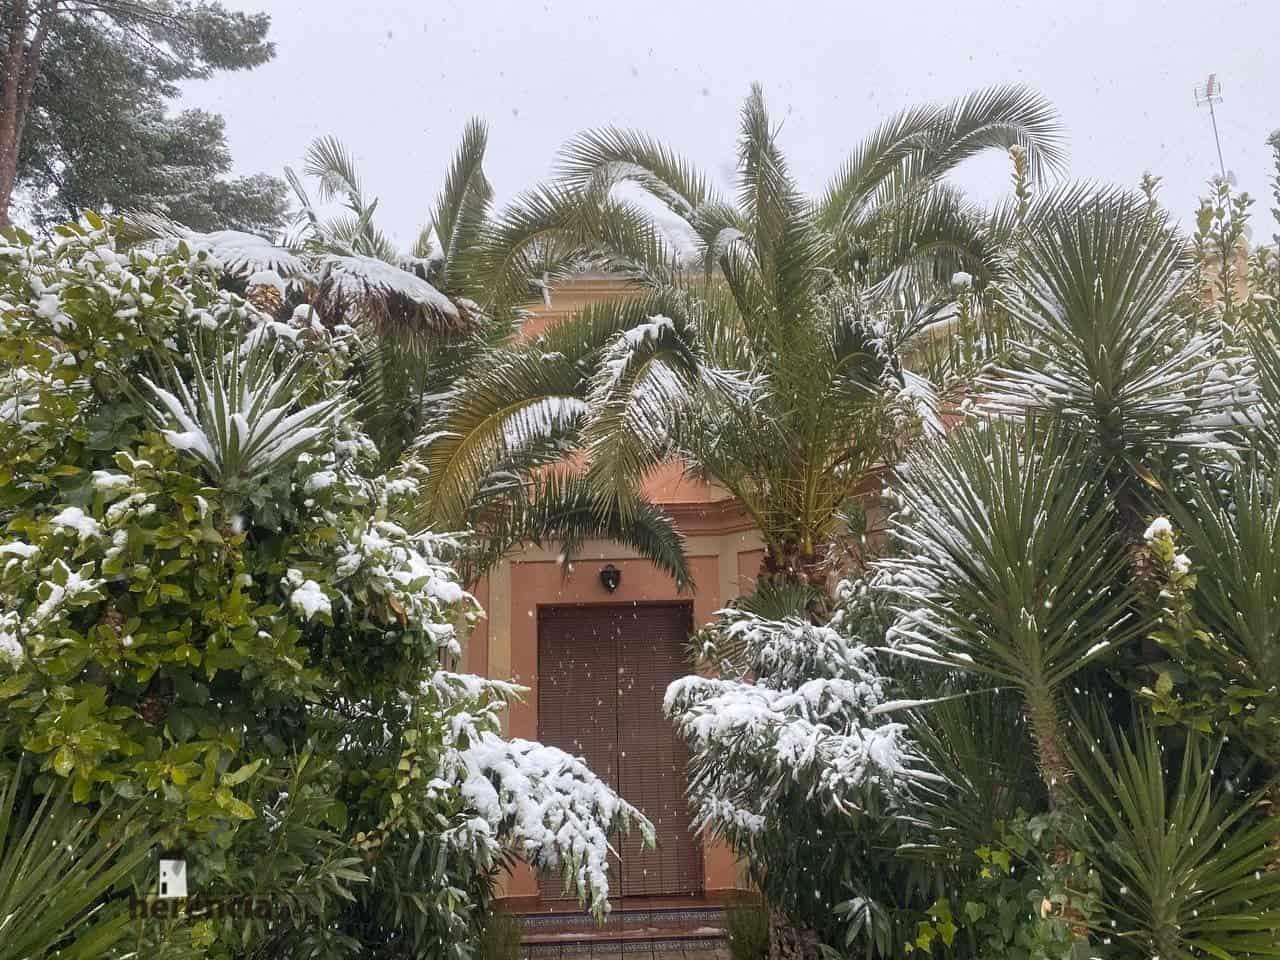 Fotografías de la nevada en Herencia (Ciudad Real) 53